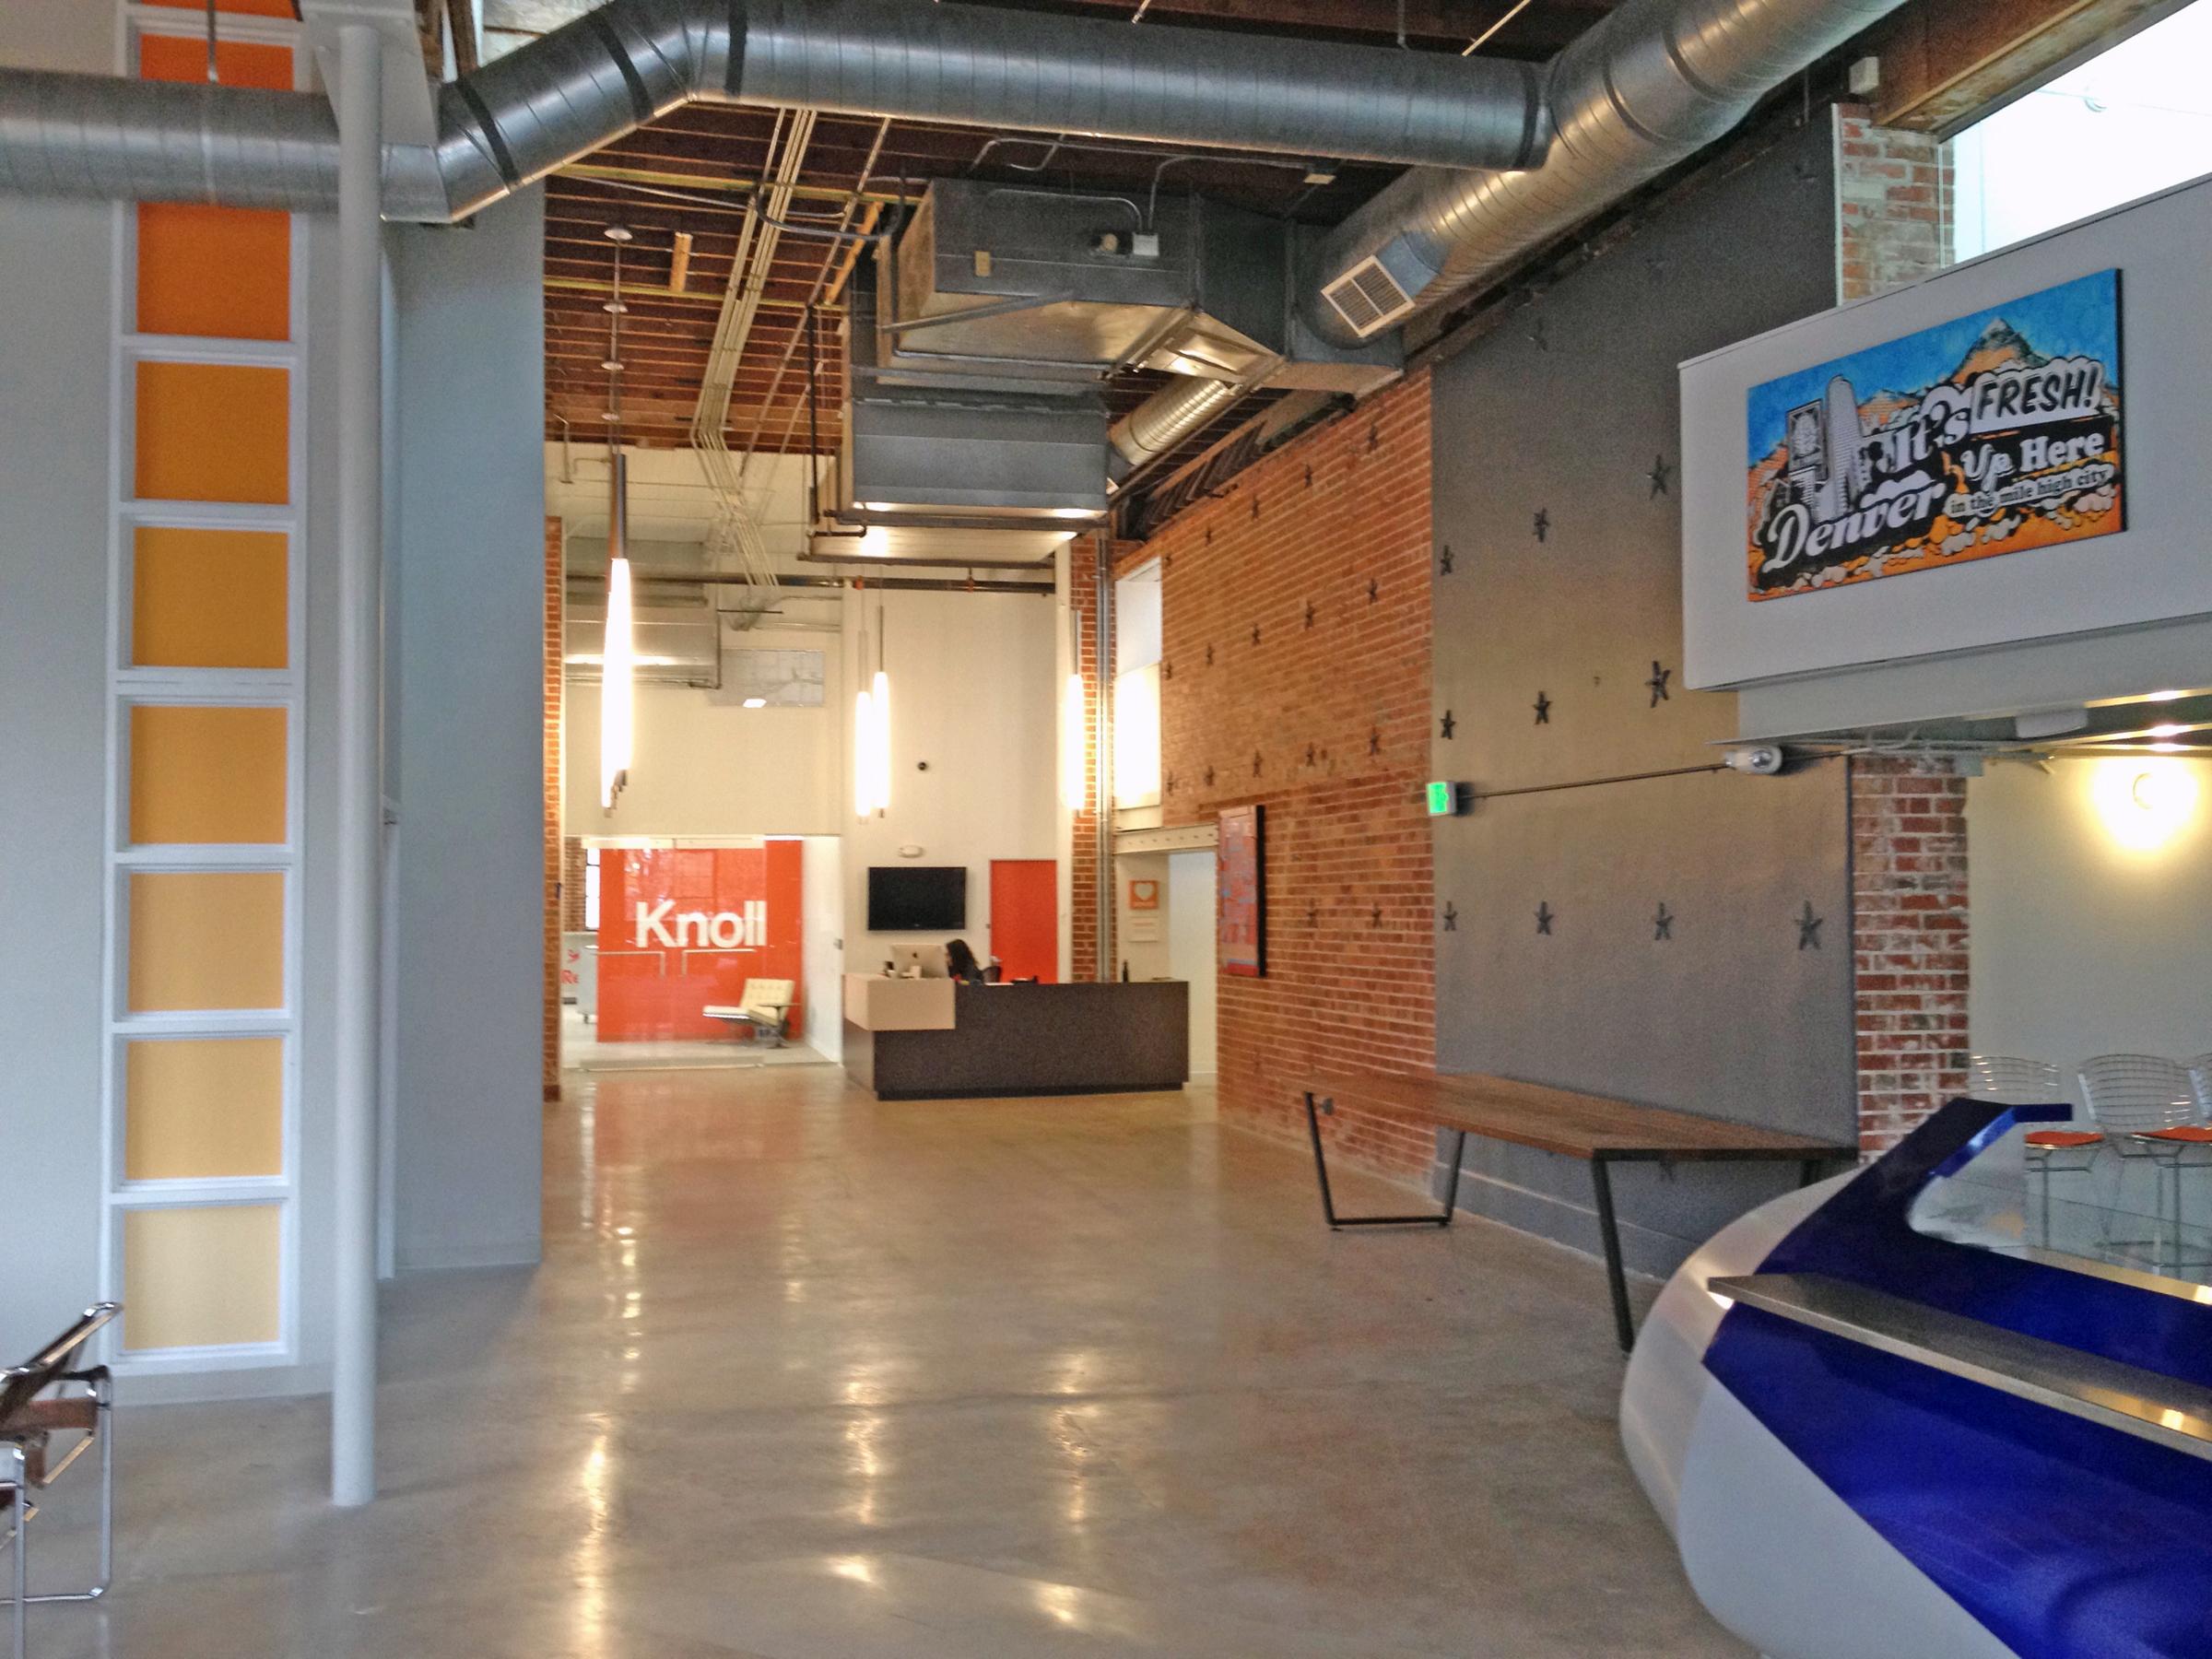 galvanize 1.0 reception cowork open studio architecture OSA